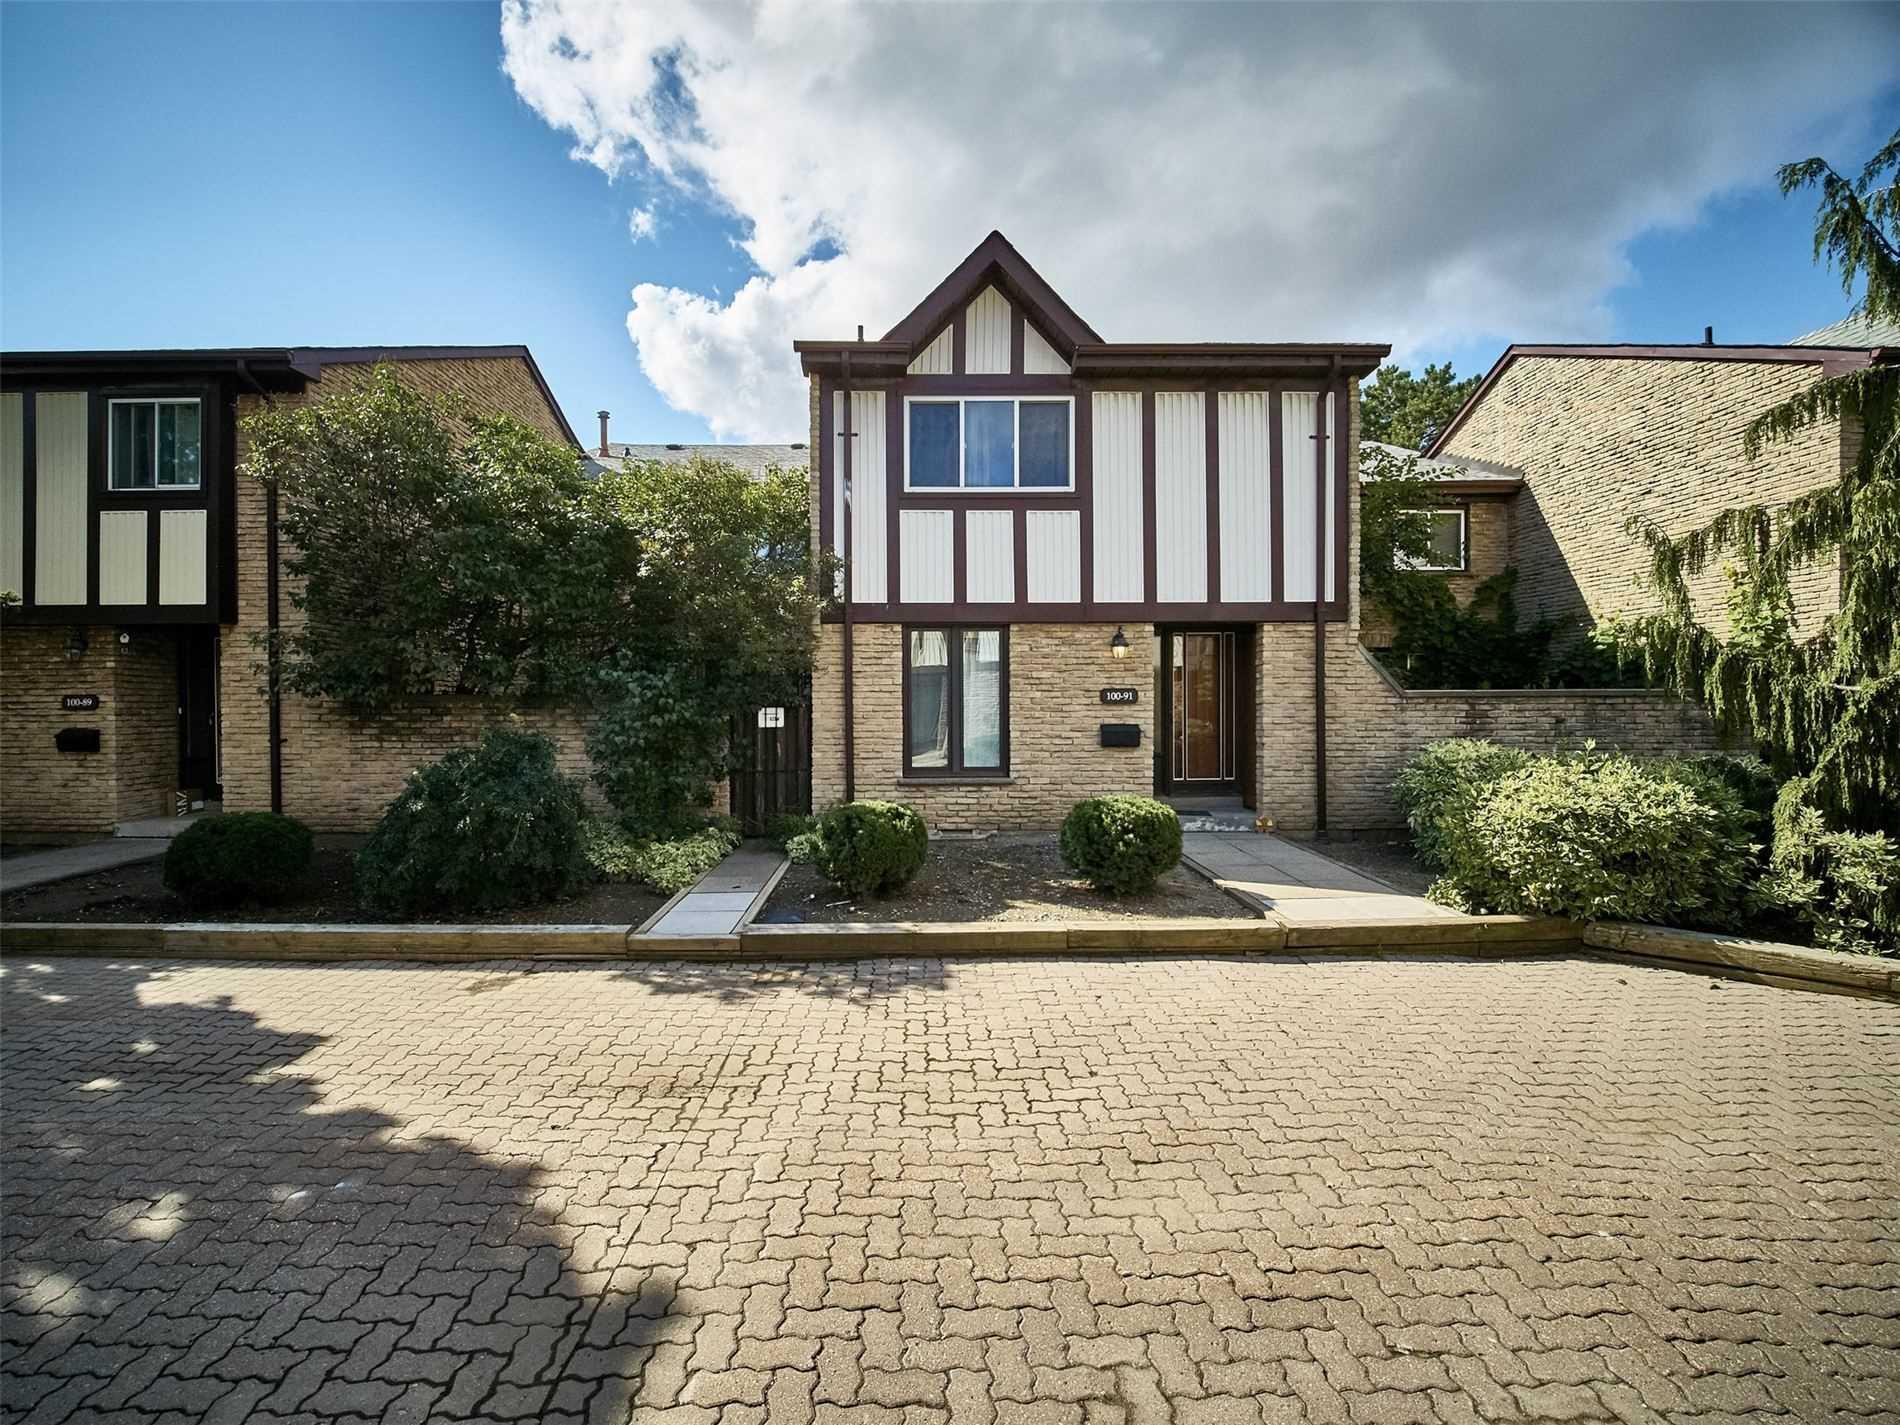 91 - 100 Burrows Hall Blvd - Malvern Condo Townhouse for sale, 3 Bedrooms (E5325097) - #1